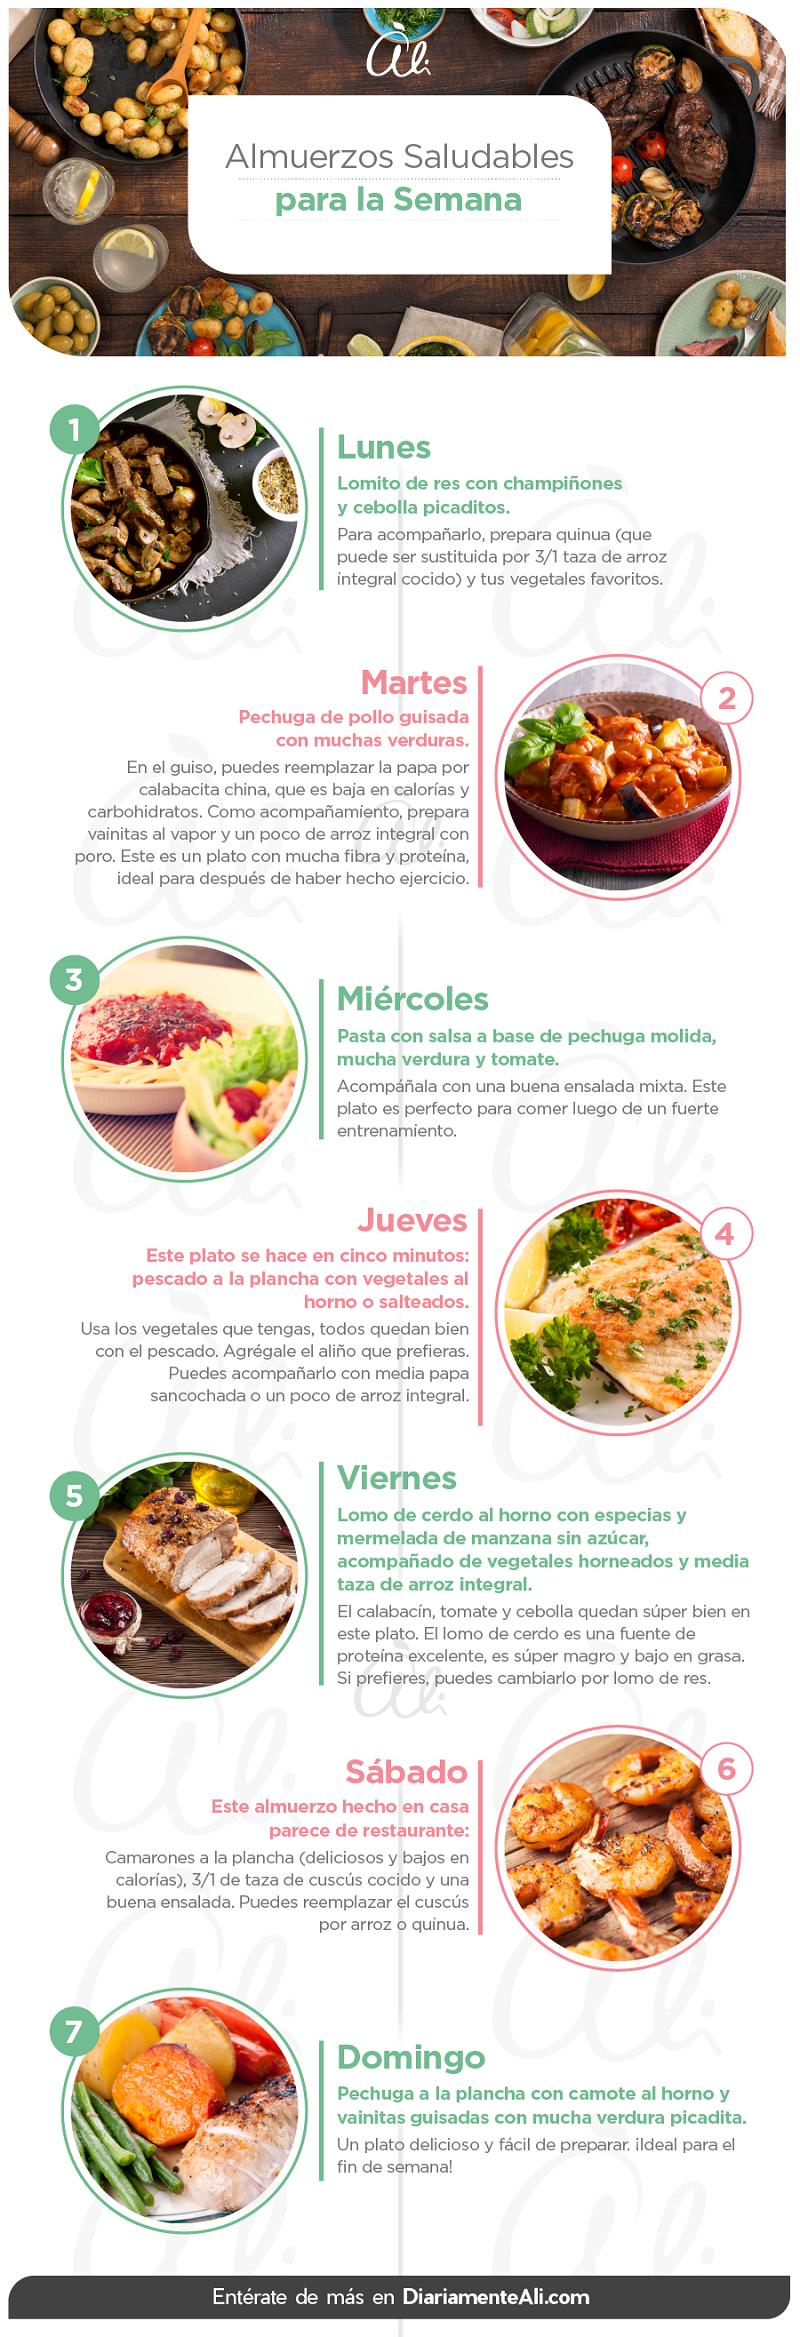 7 Almuerzos Saludables Para Toda La Semana Saludable Recetas Diariamente Ali Almuerzos Saludables Menu De Comida Saludable Comida Saludable Desayuno